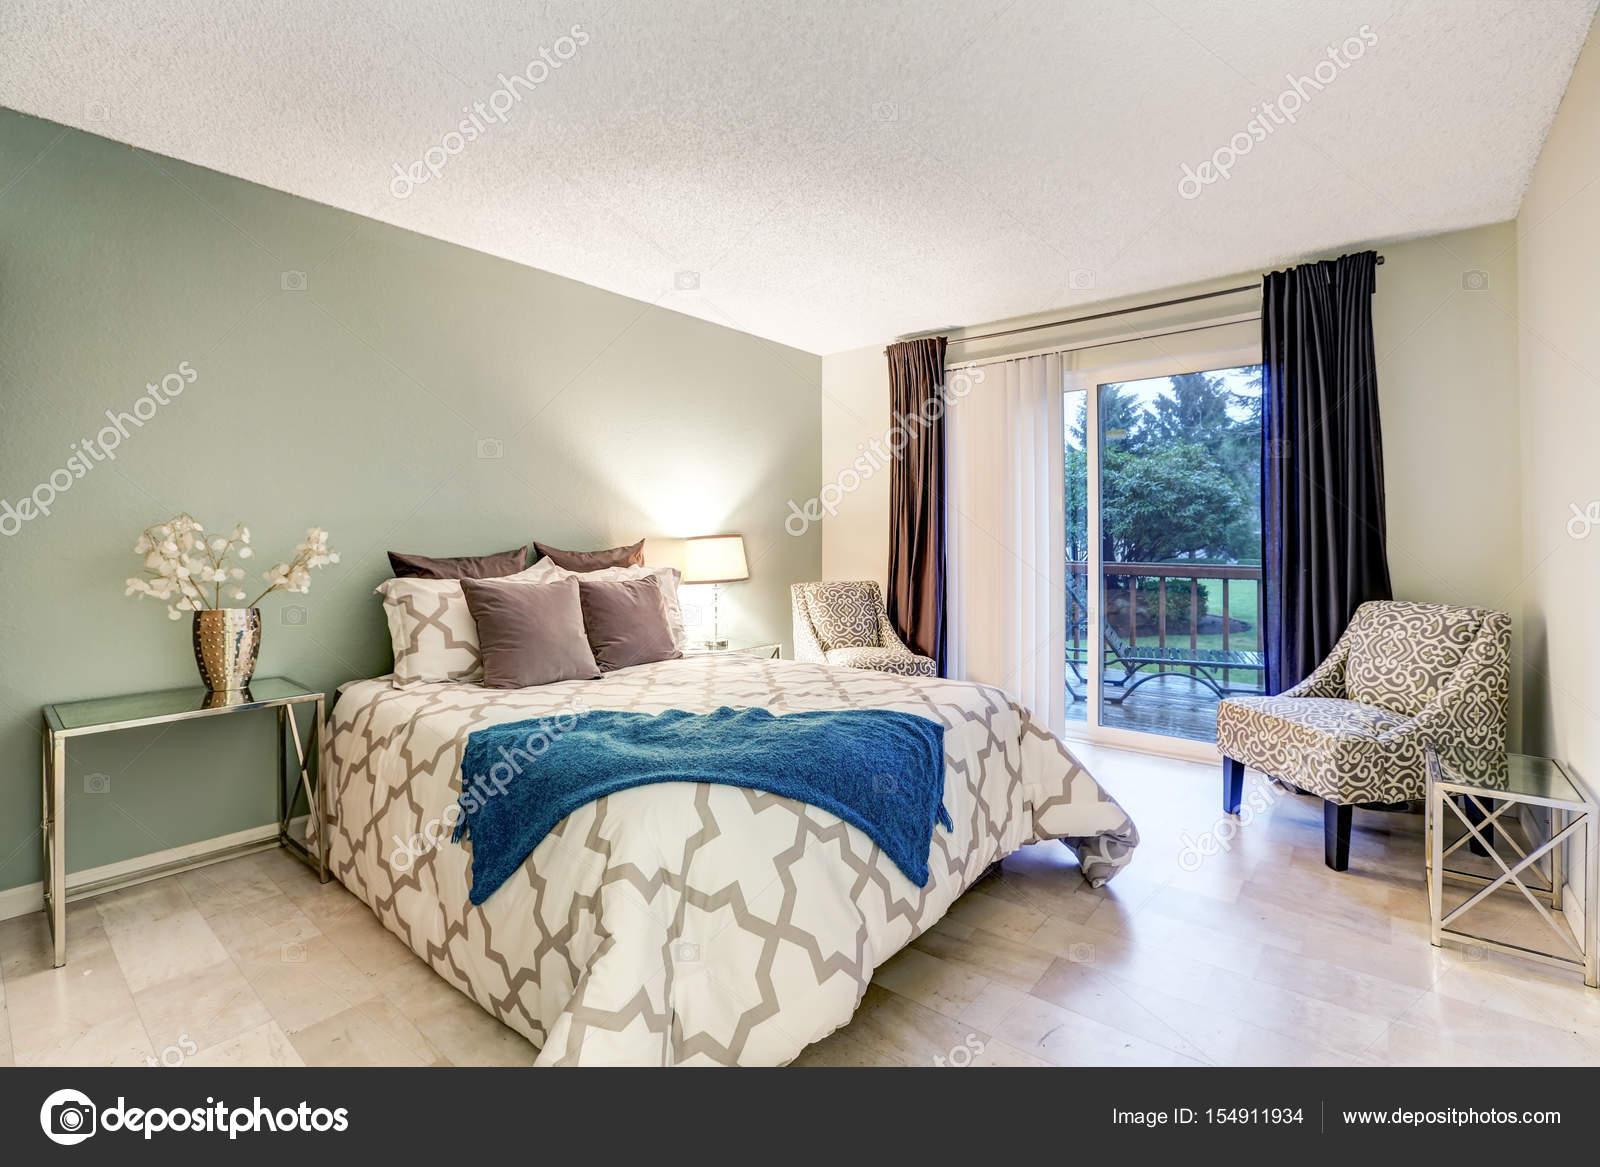 Slaapkamer interieur met beige en groene muren — Stockfoto ...